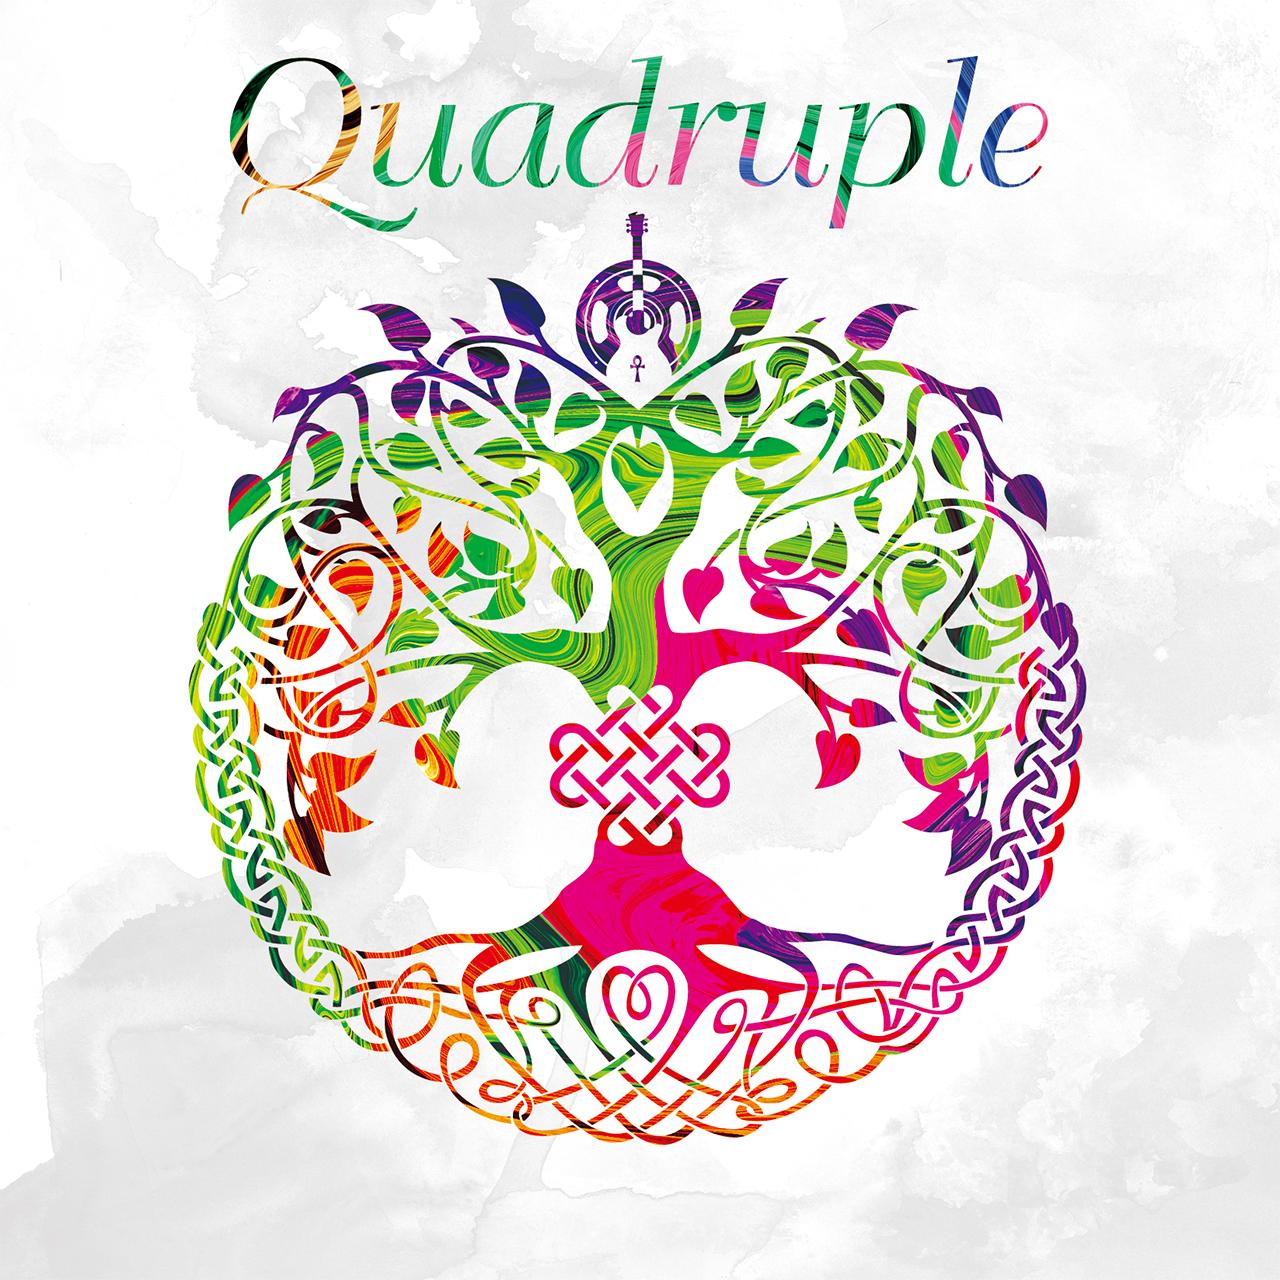 CD:『Quadruple』mintmints(ミントミンツ) - 画像1